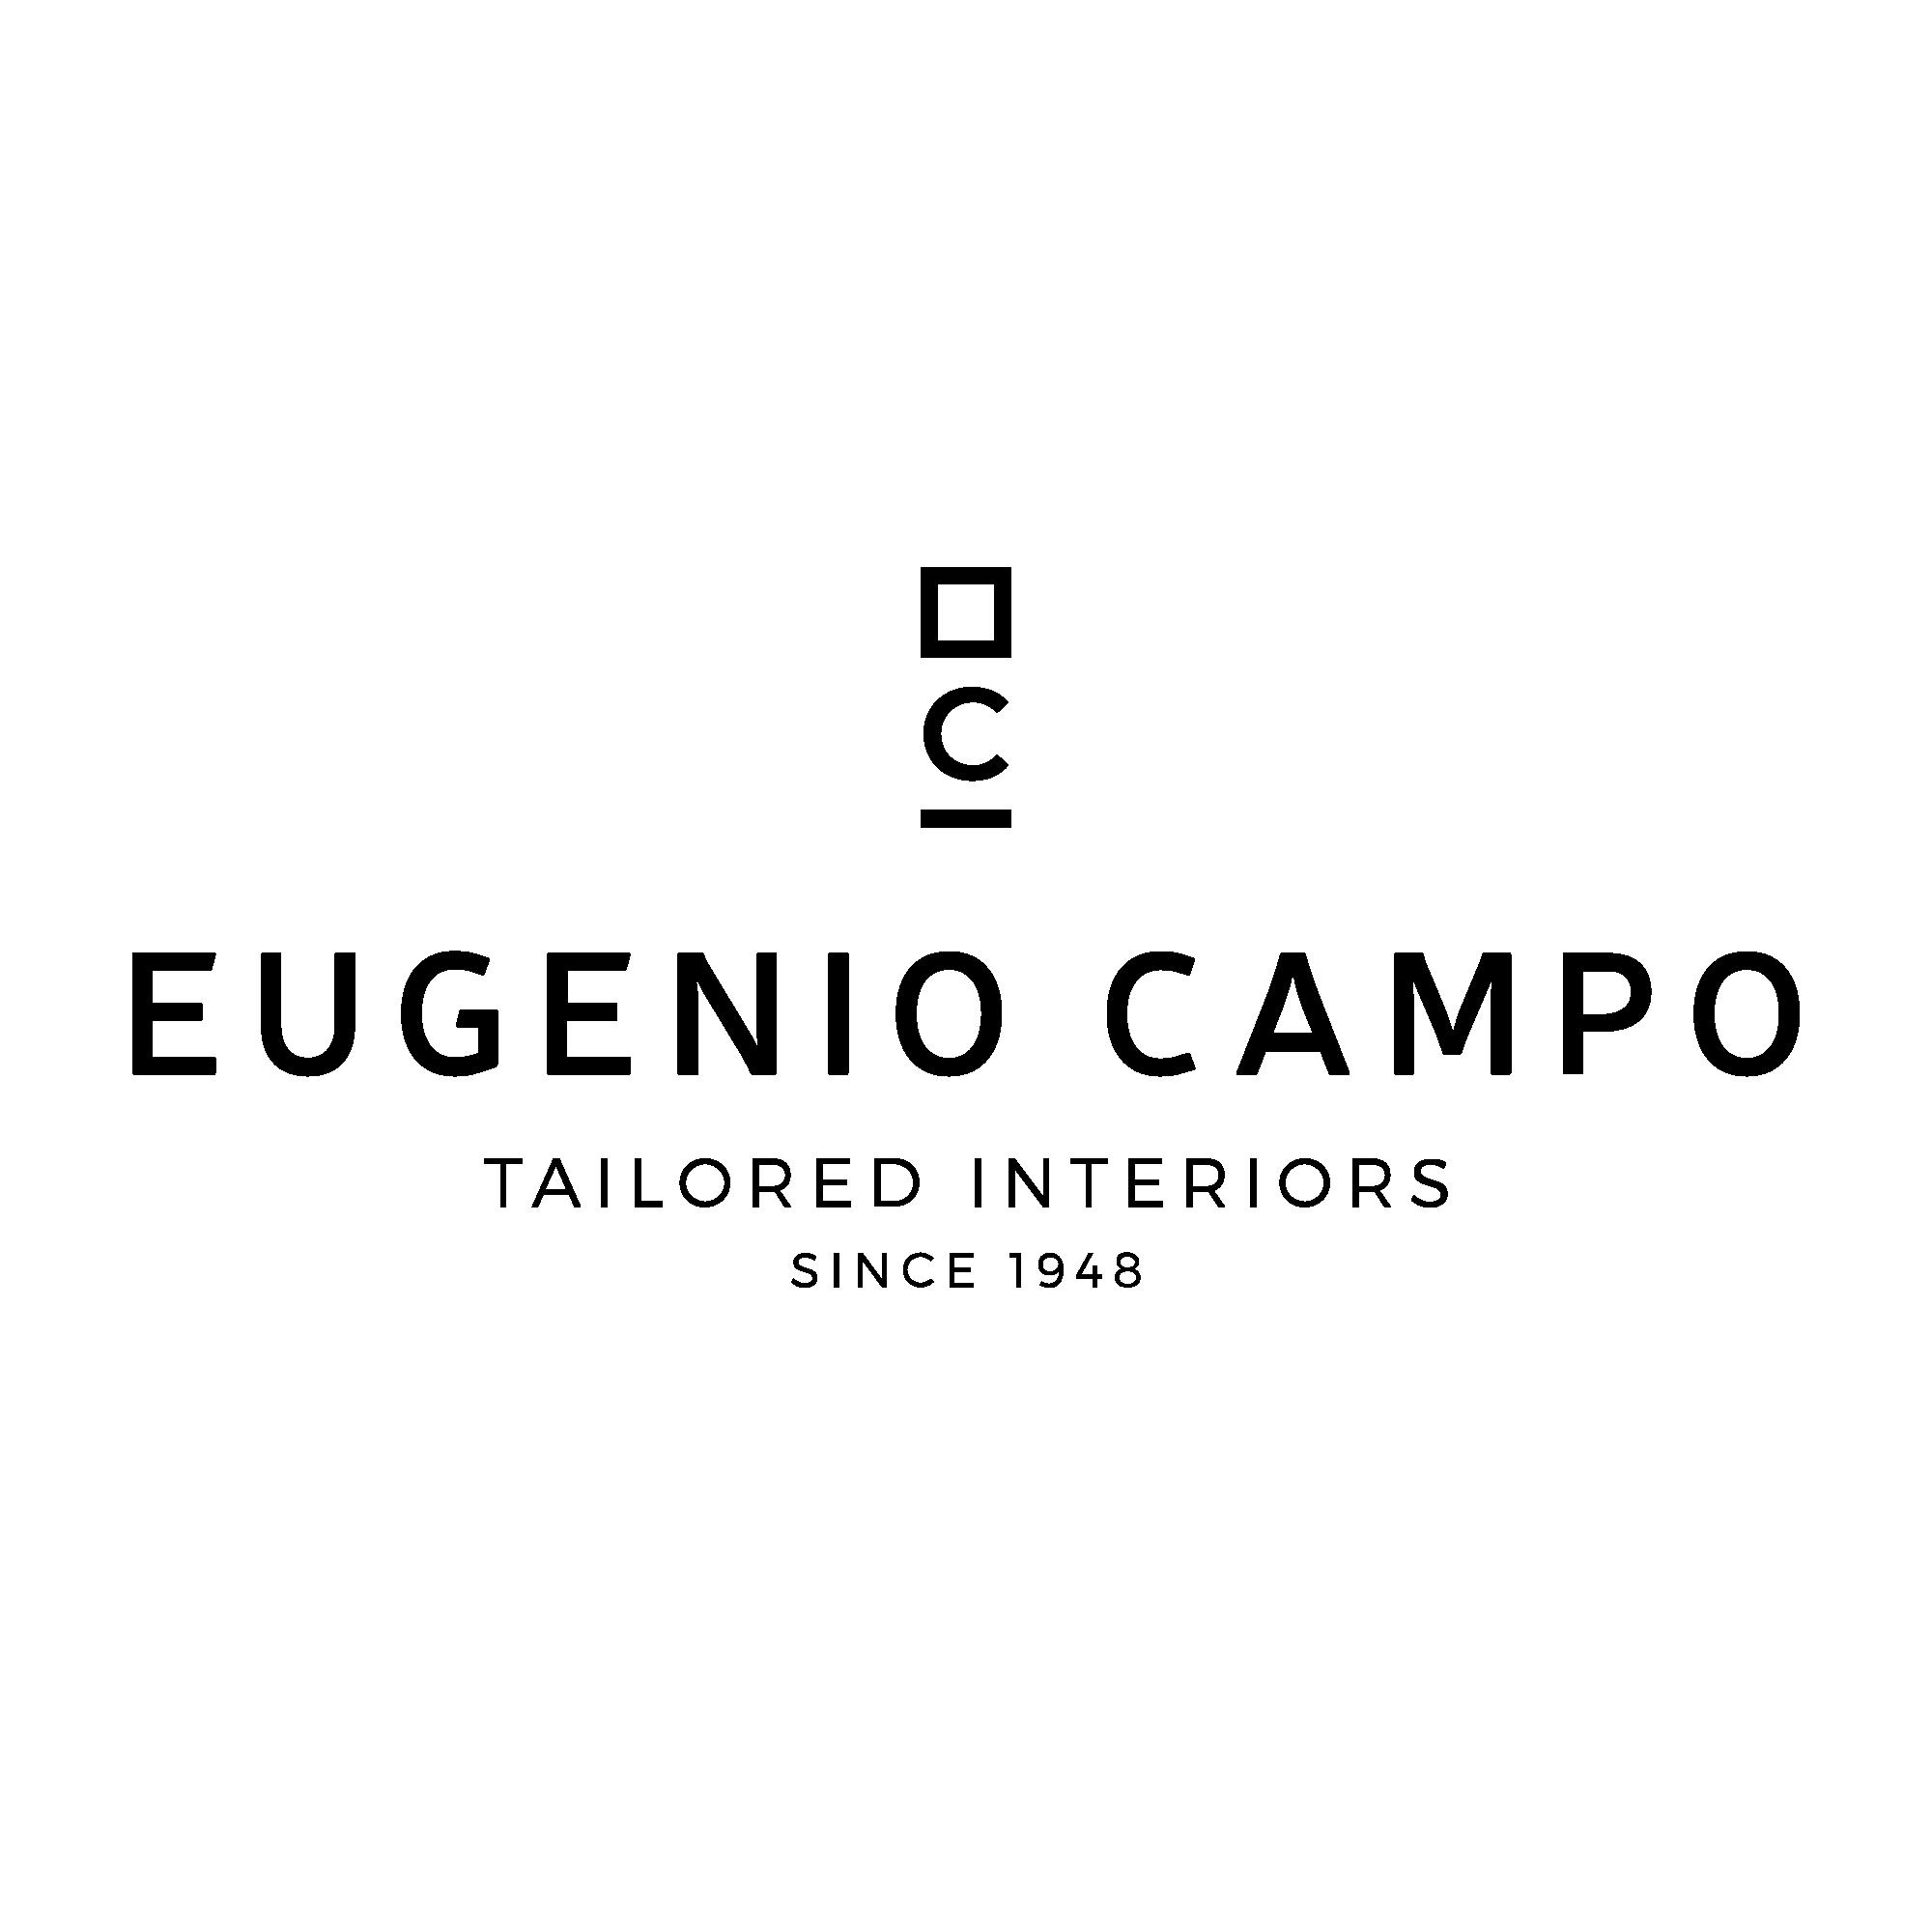 eugeniocampo-arredi-su-misura-cappella-maggiore-treviso-profile